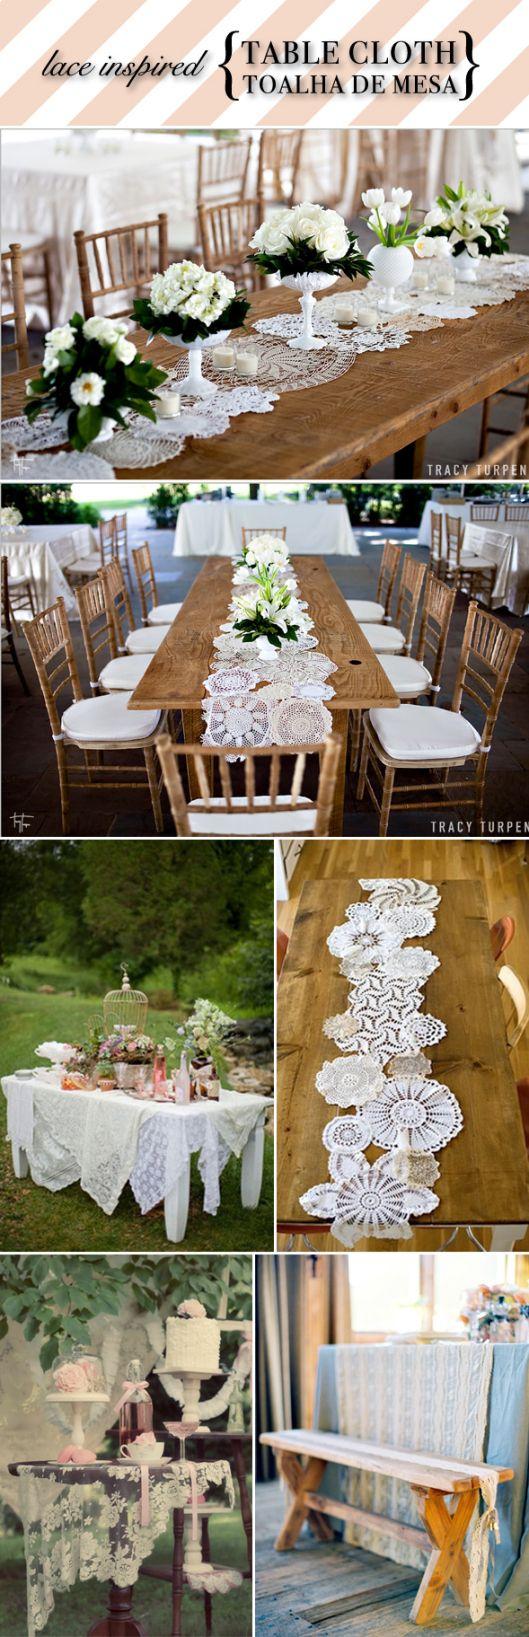 Casamento, rústico, delicado, wedding. Fonte: google